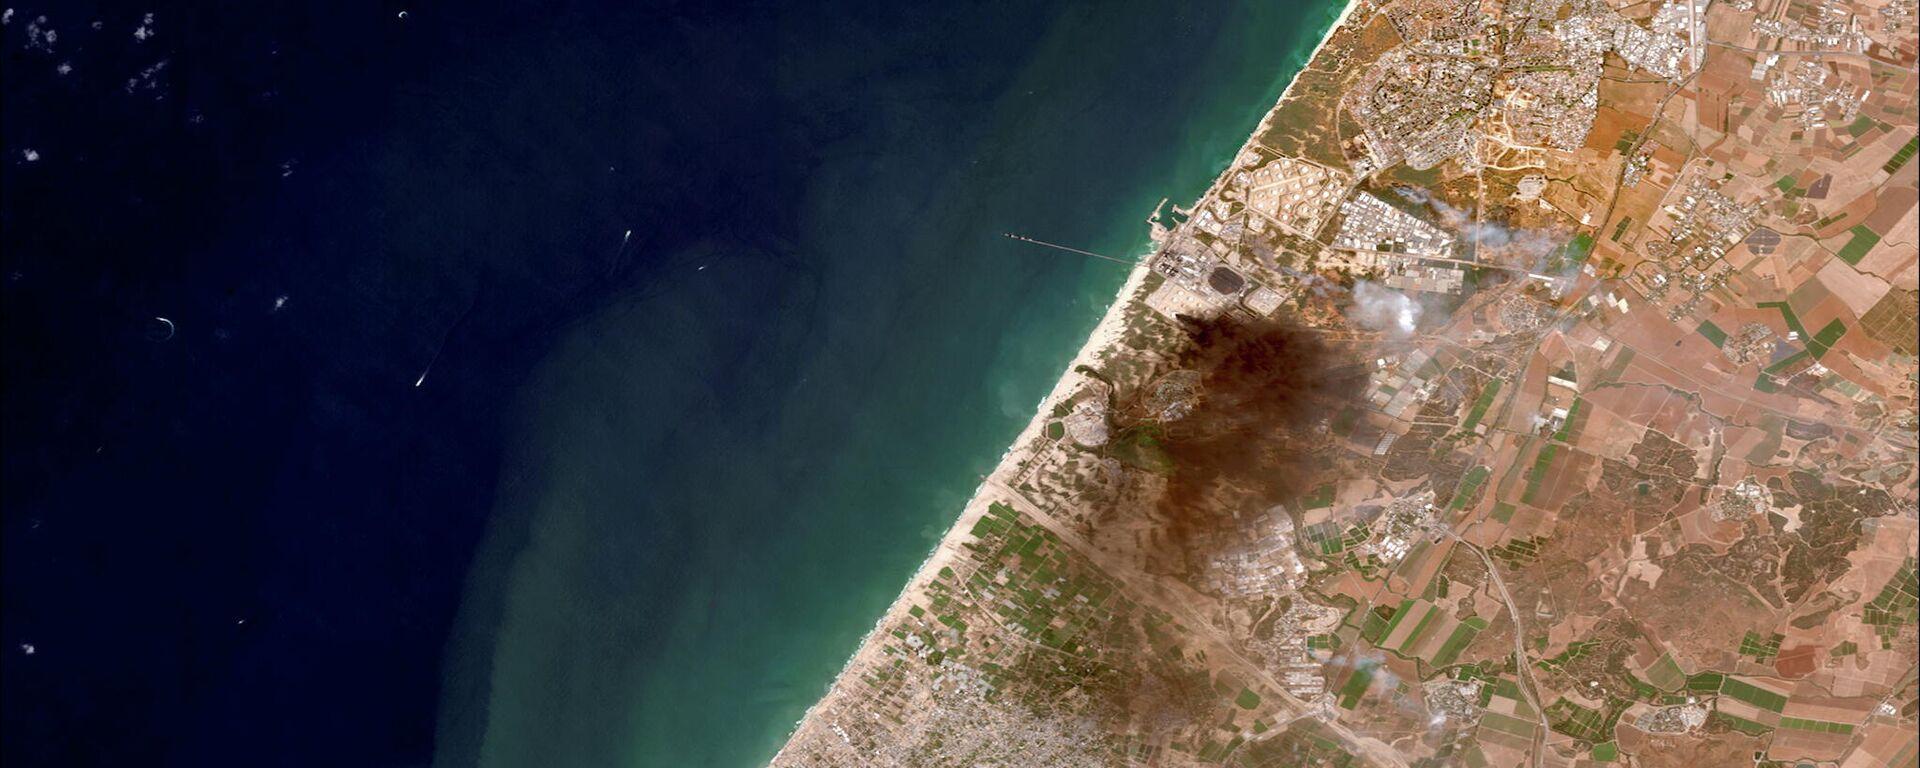 Así se ven los ataques de Israel y Hamás desde el espacio - Sputnik Mundo, 1920, 14.05.2021